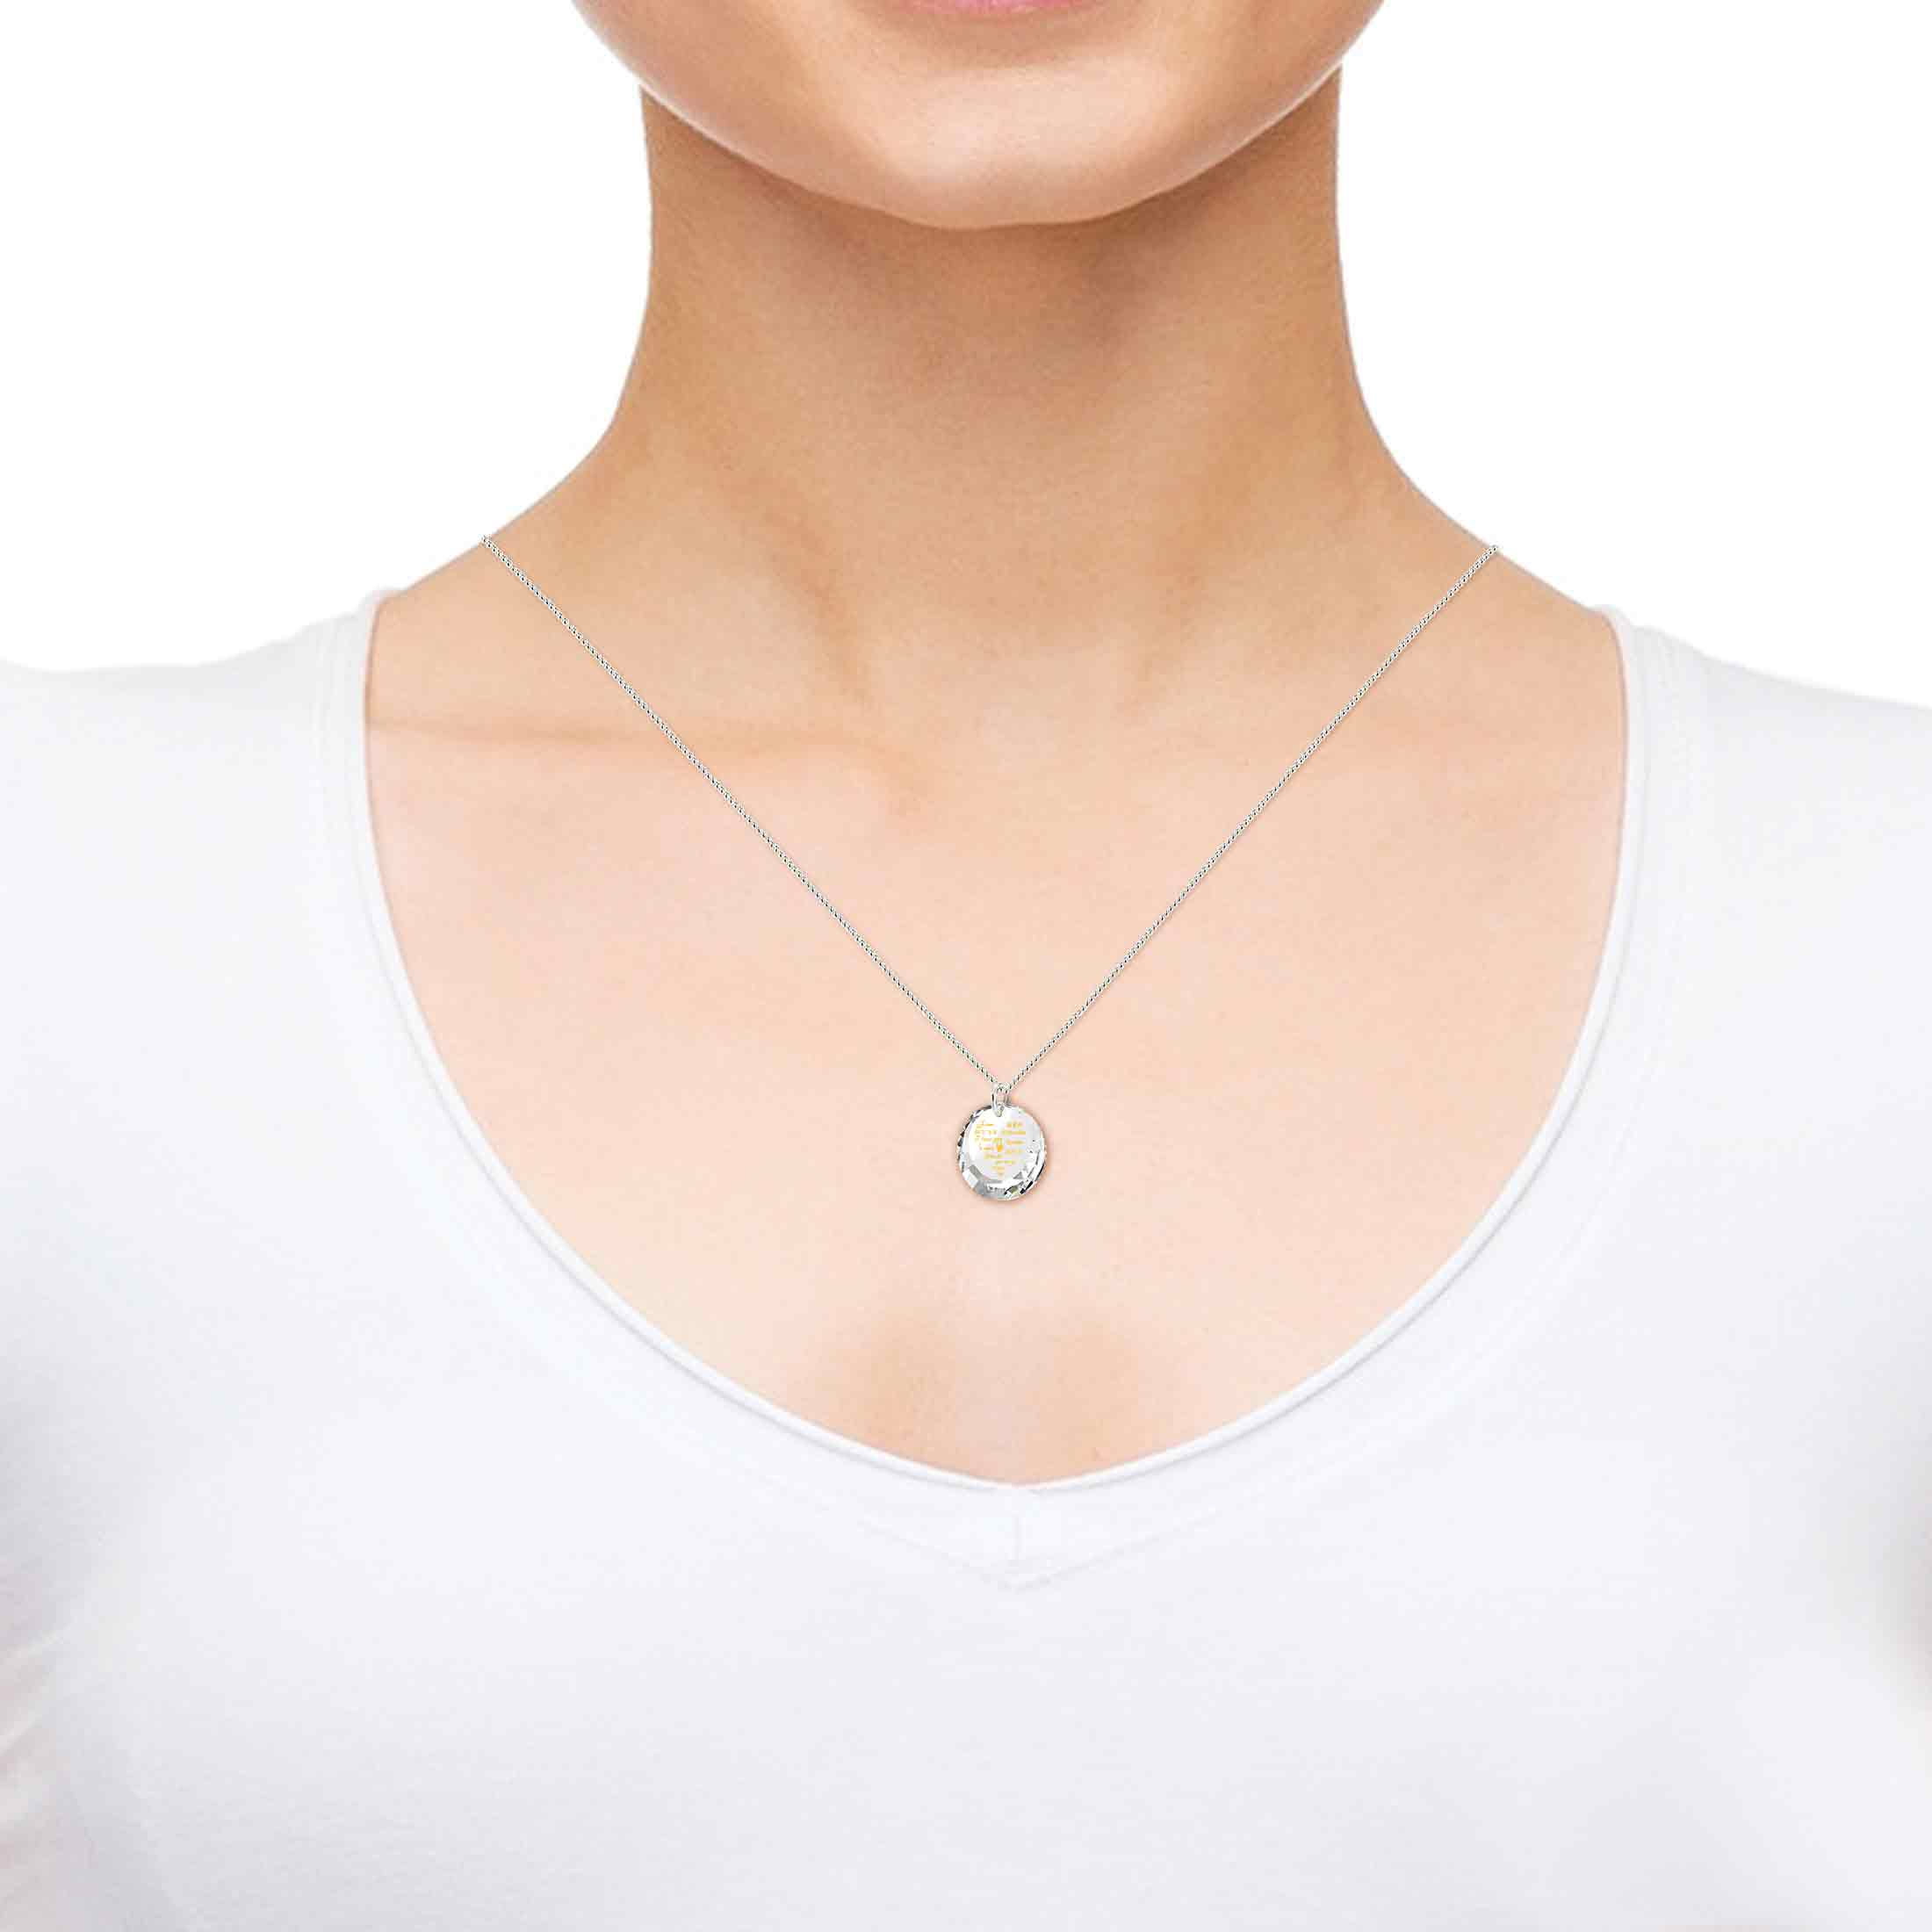 מתנות ליום הולדת לחברה: מתנות מקוריות, תכשיטים מיוחדים לאישה, ננו תכשיטים